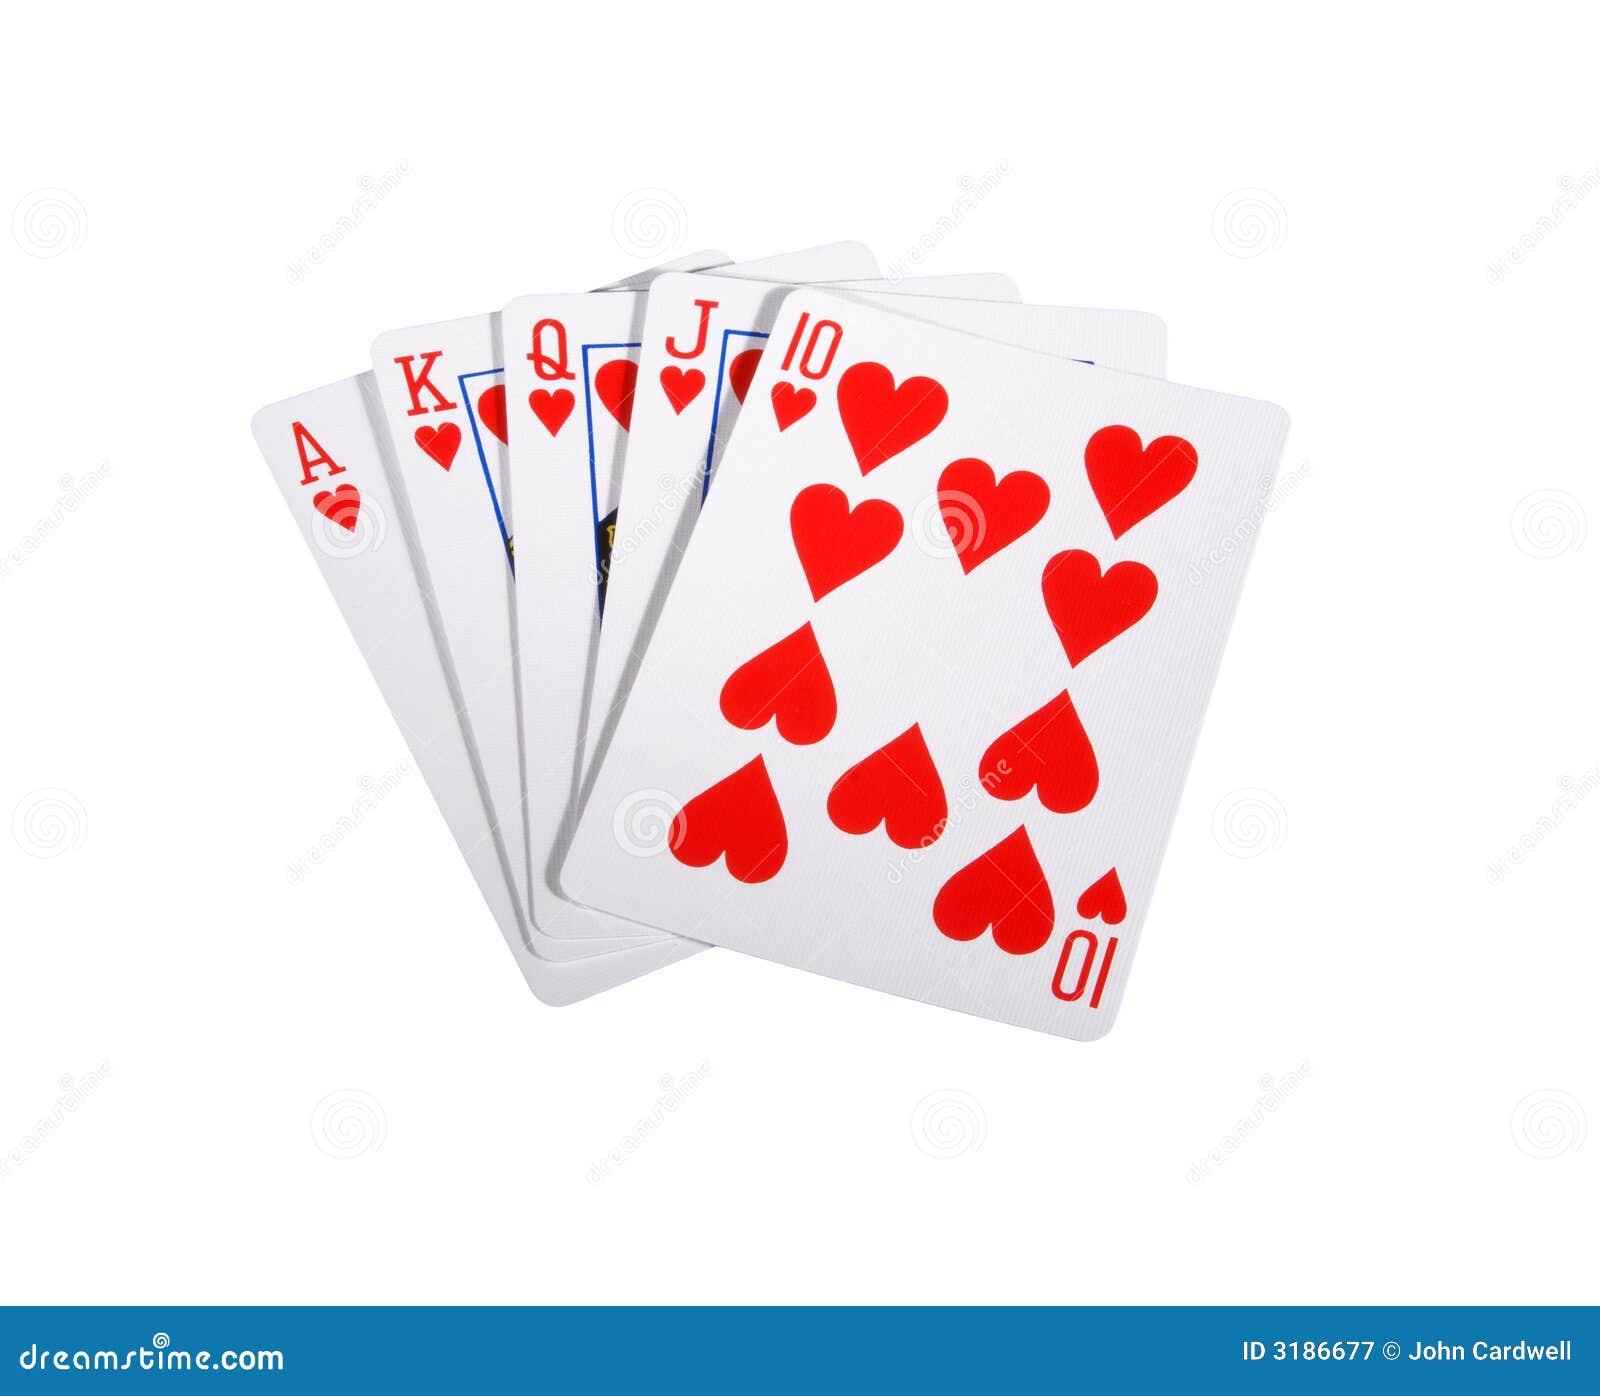 casino royale online watch hearts spielen